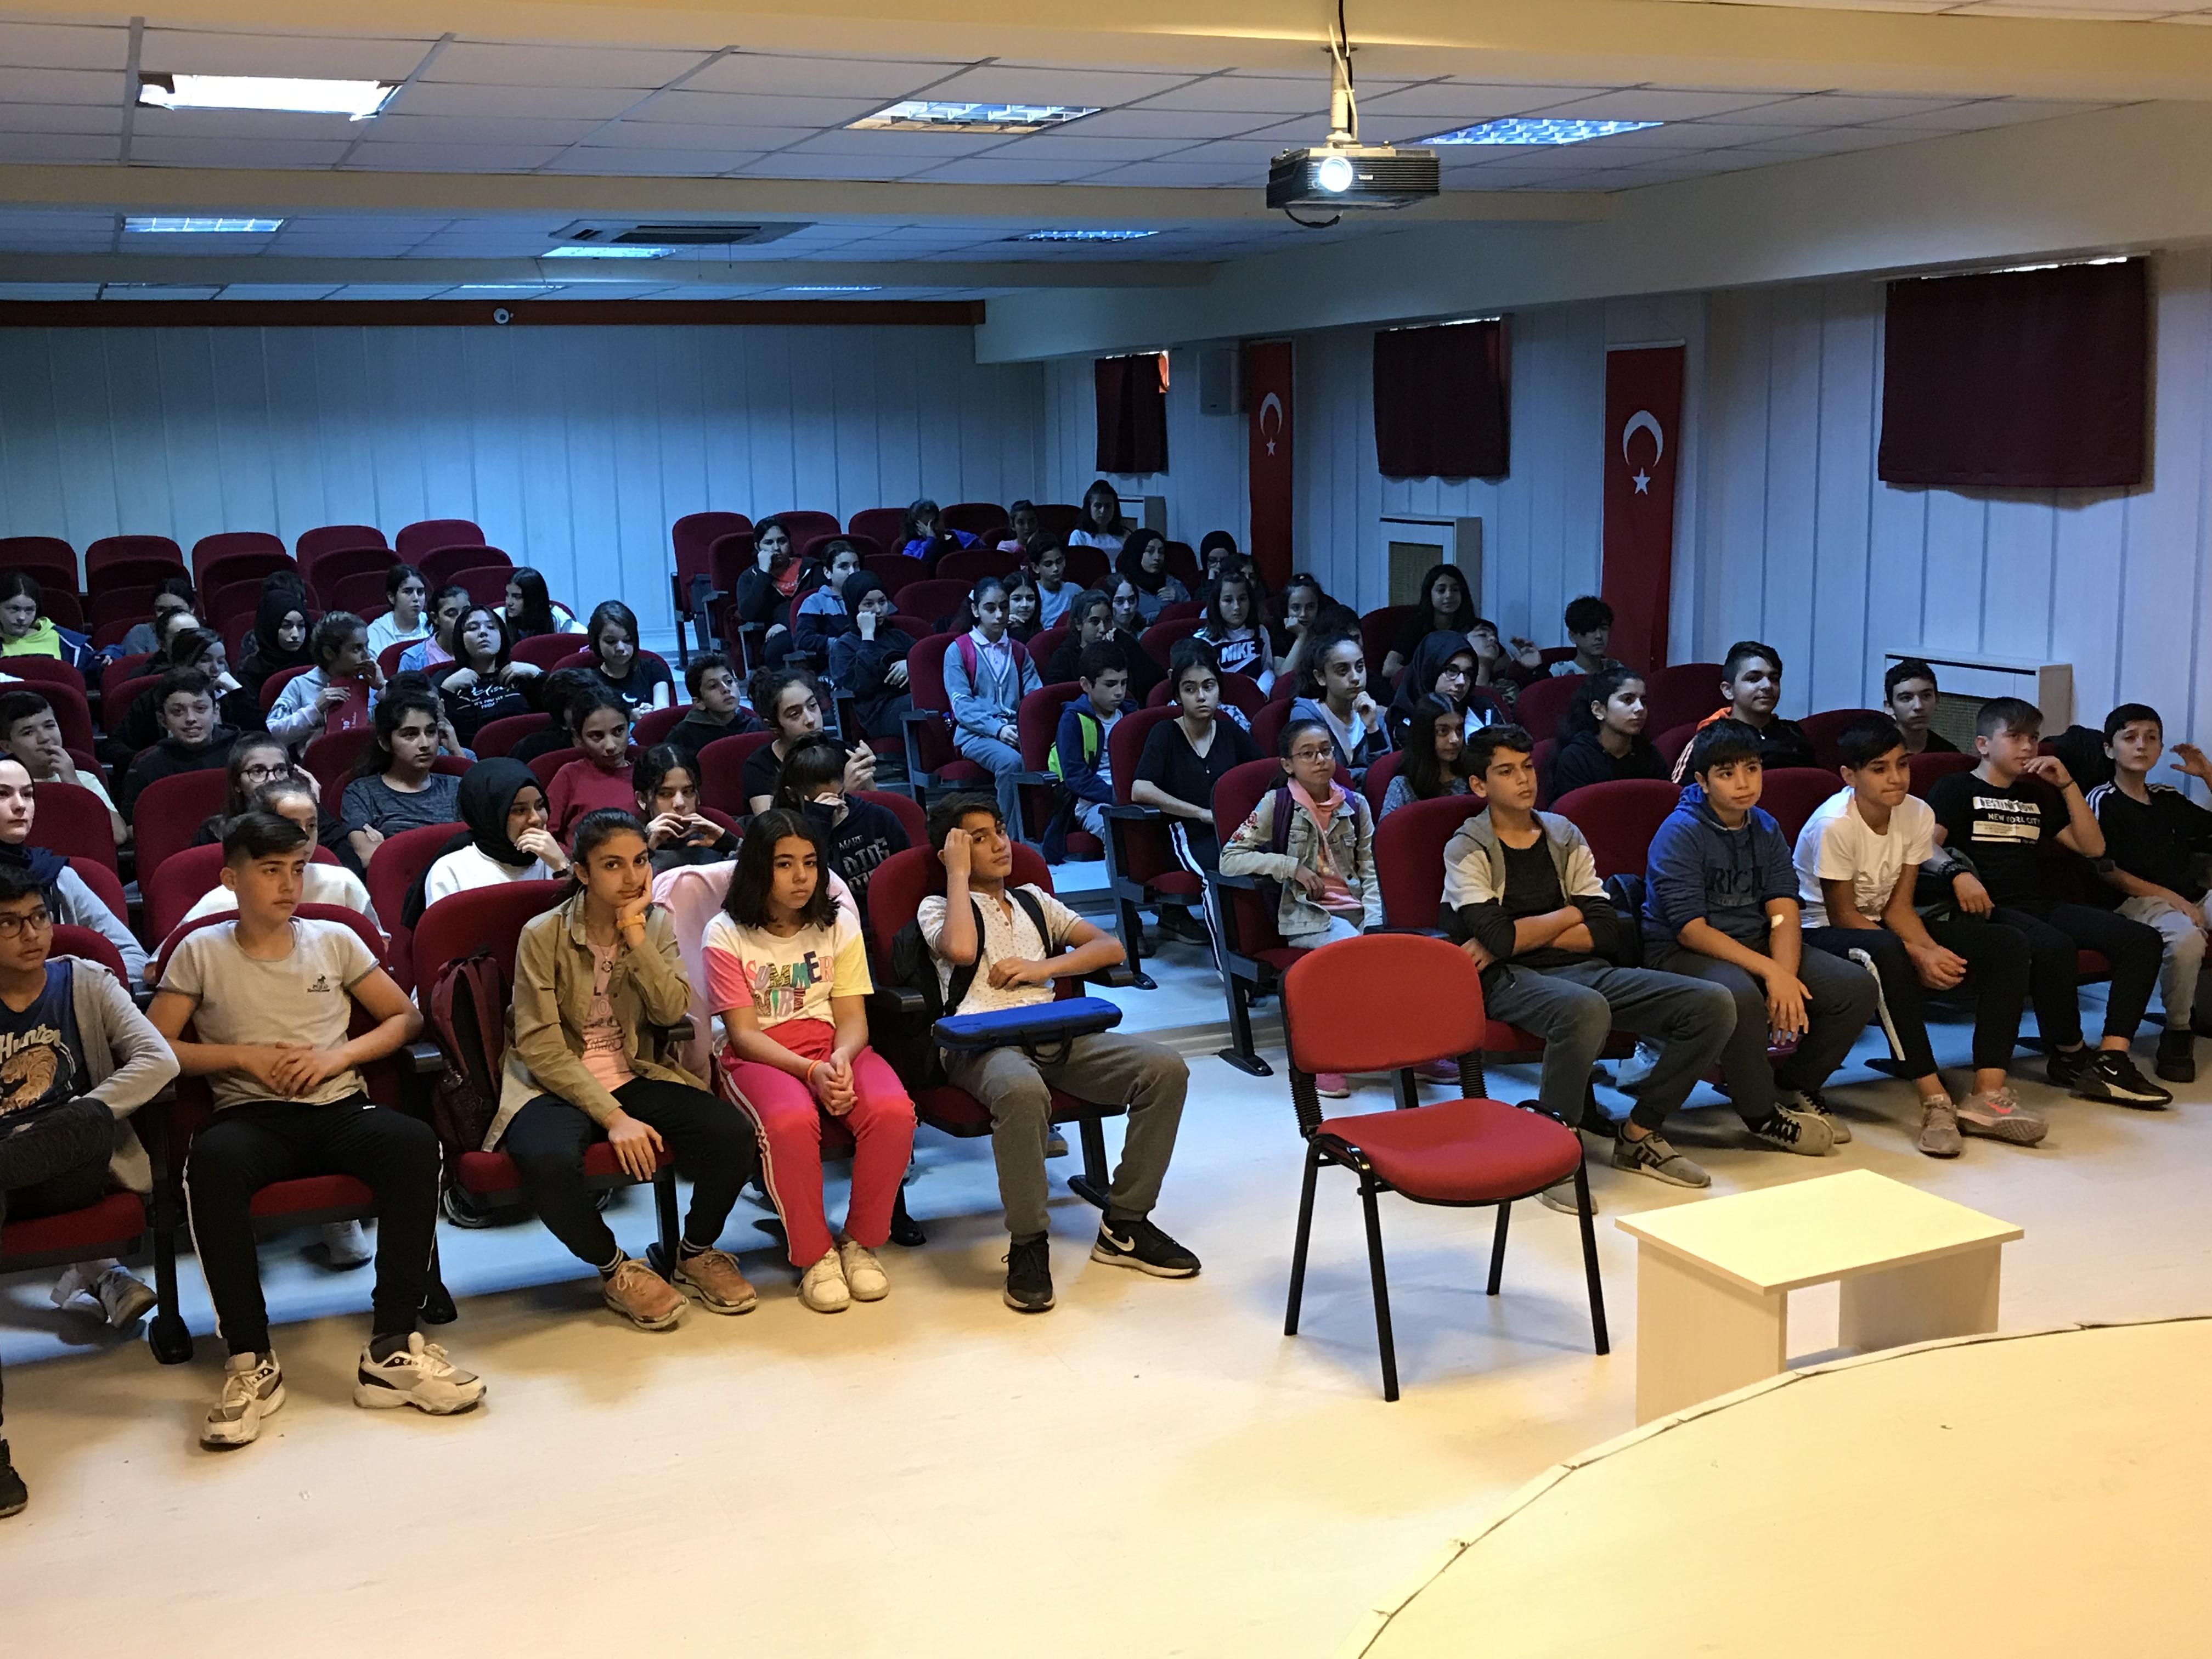 İstanbul Kemendere İsmet Süzer Ortaokulunda, Bilinçli Ve Güvenli İnternet Semineri